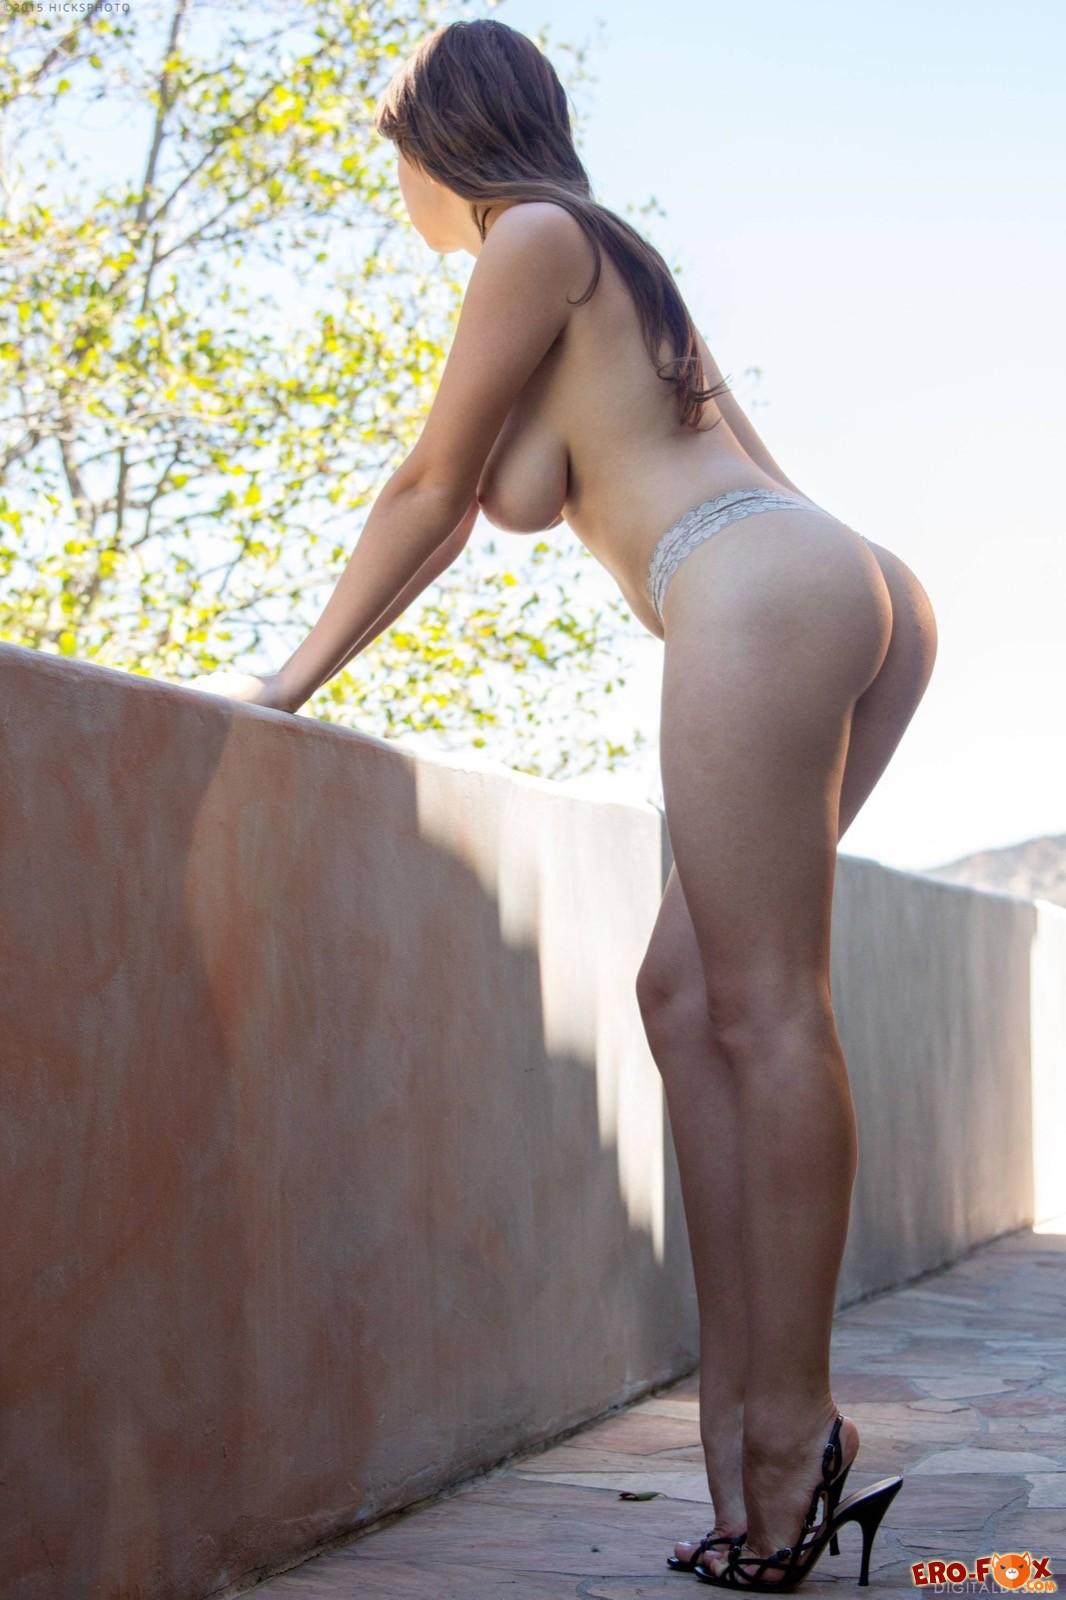 Голая девушка с большими буферами